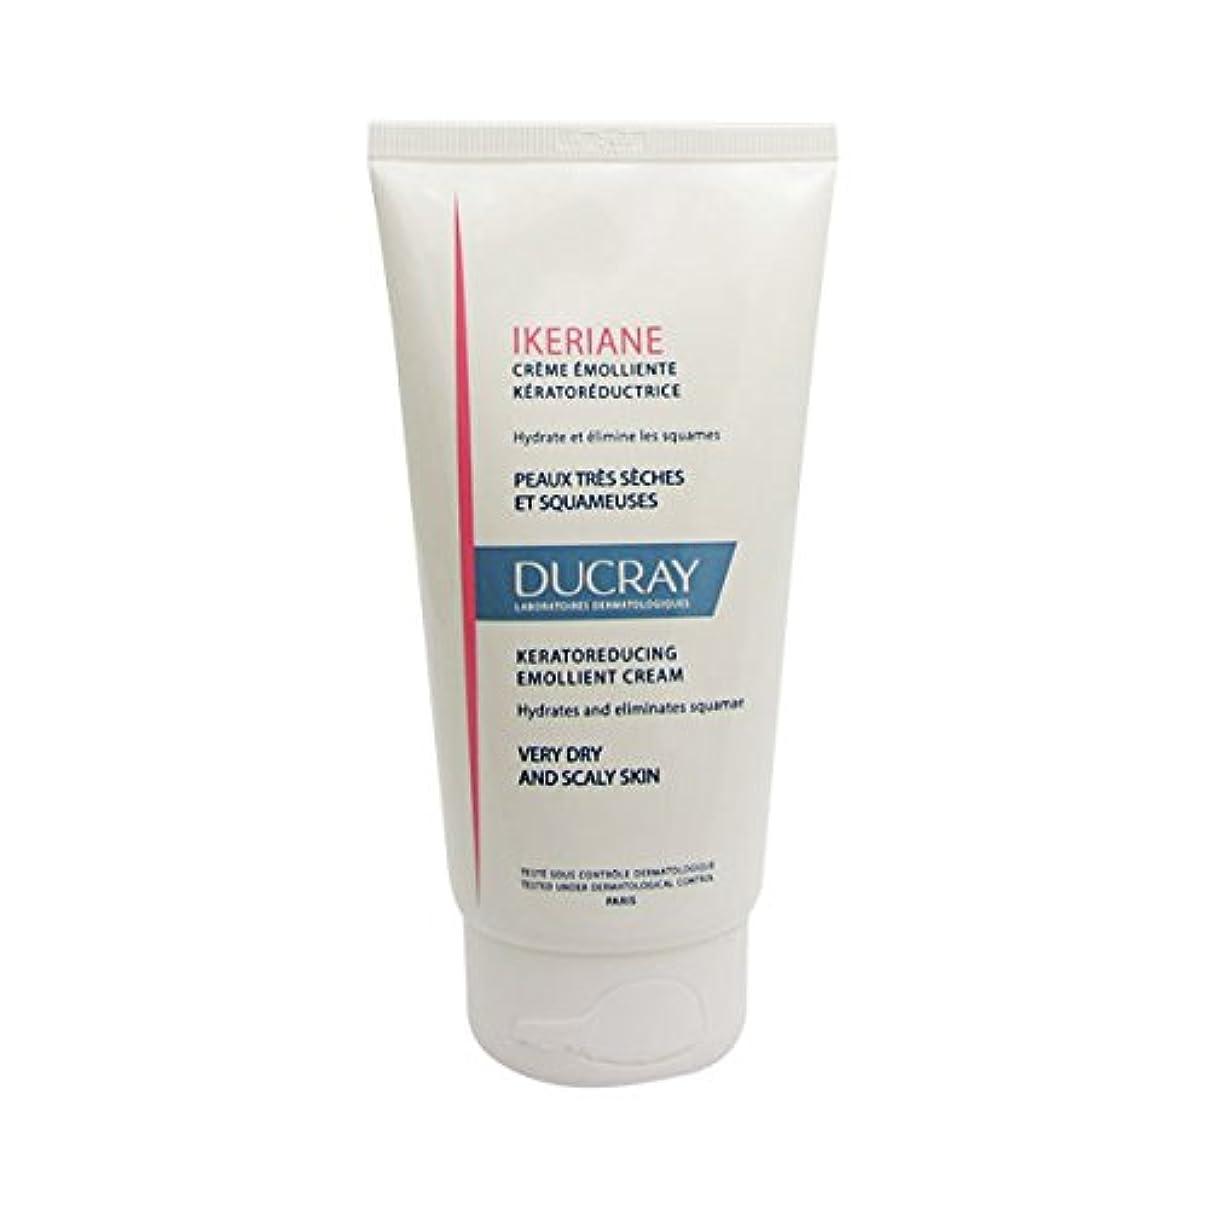 ビリーヤギファーザーファージュ怪しいDucray Ikeriane Kerato-reducing Emollient Cream 150ml [並行輸入品]